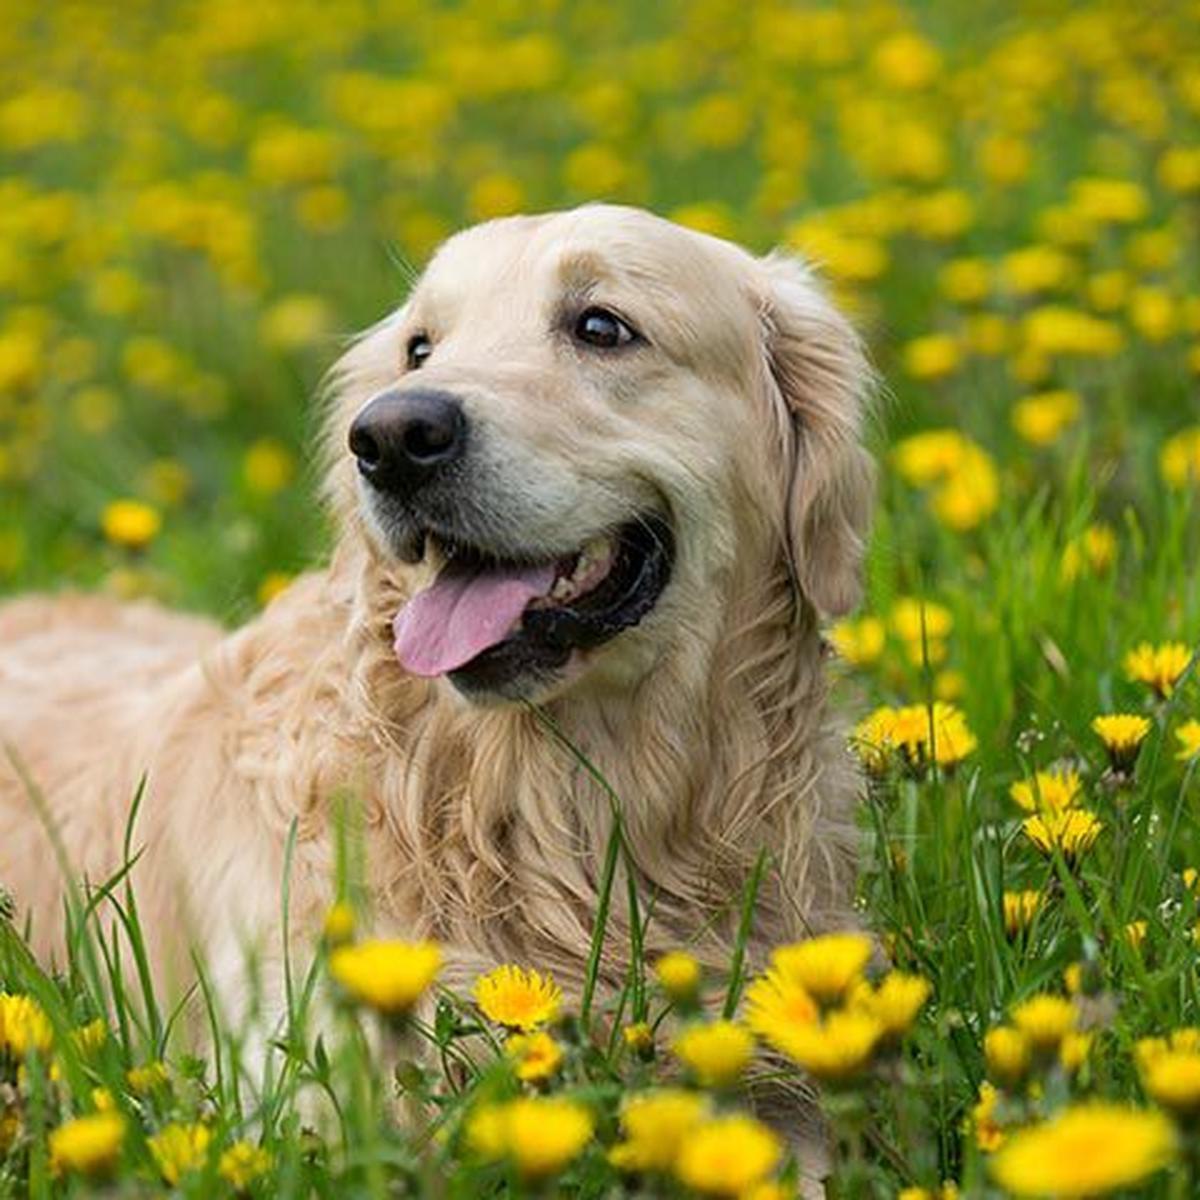 Cada Cuánto Tiempo Llevar A Mi Perro O Gato Al Veterinario Nnda Nnlt Respuestas Mag